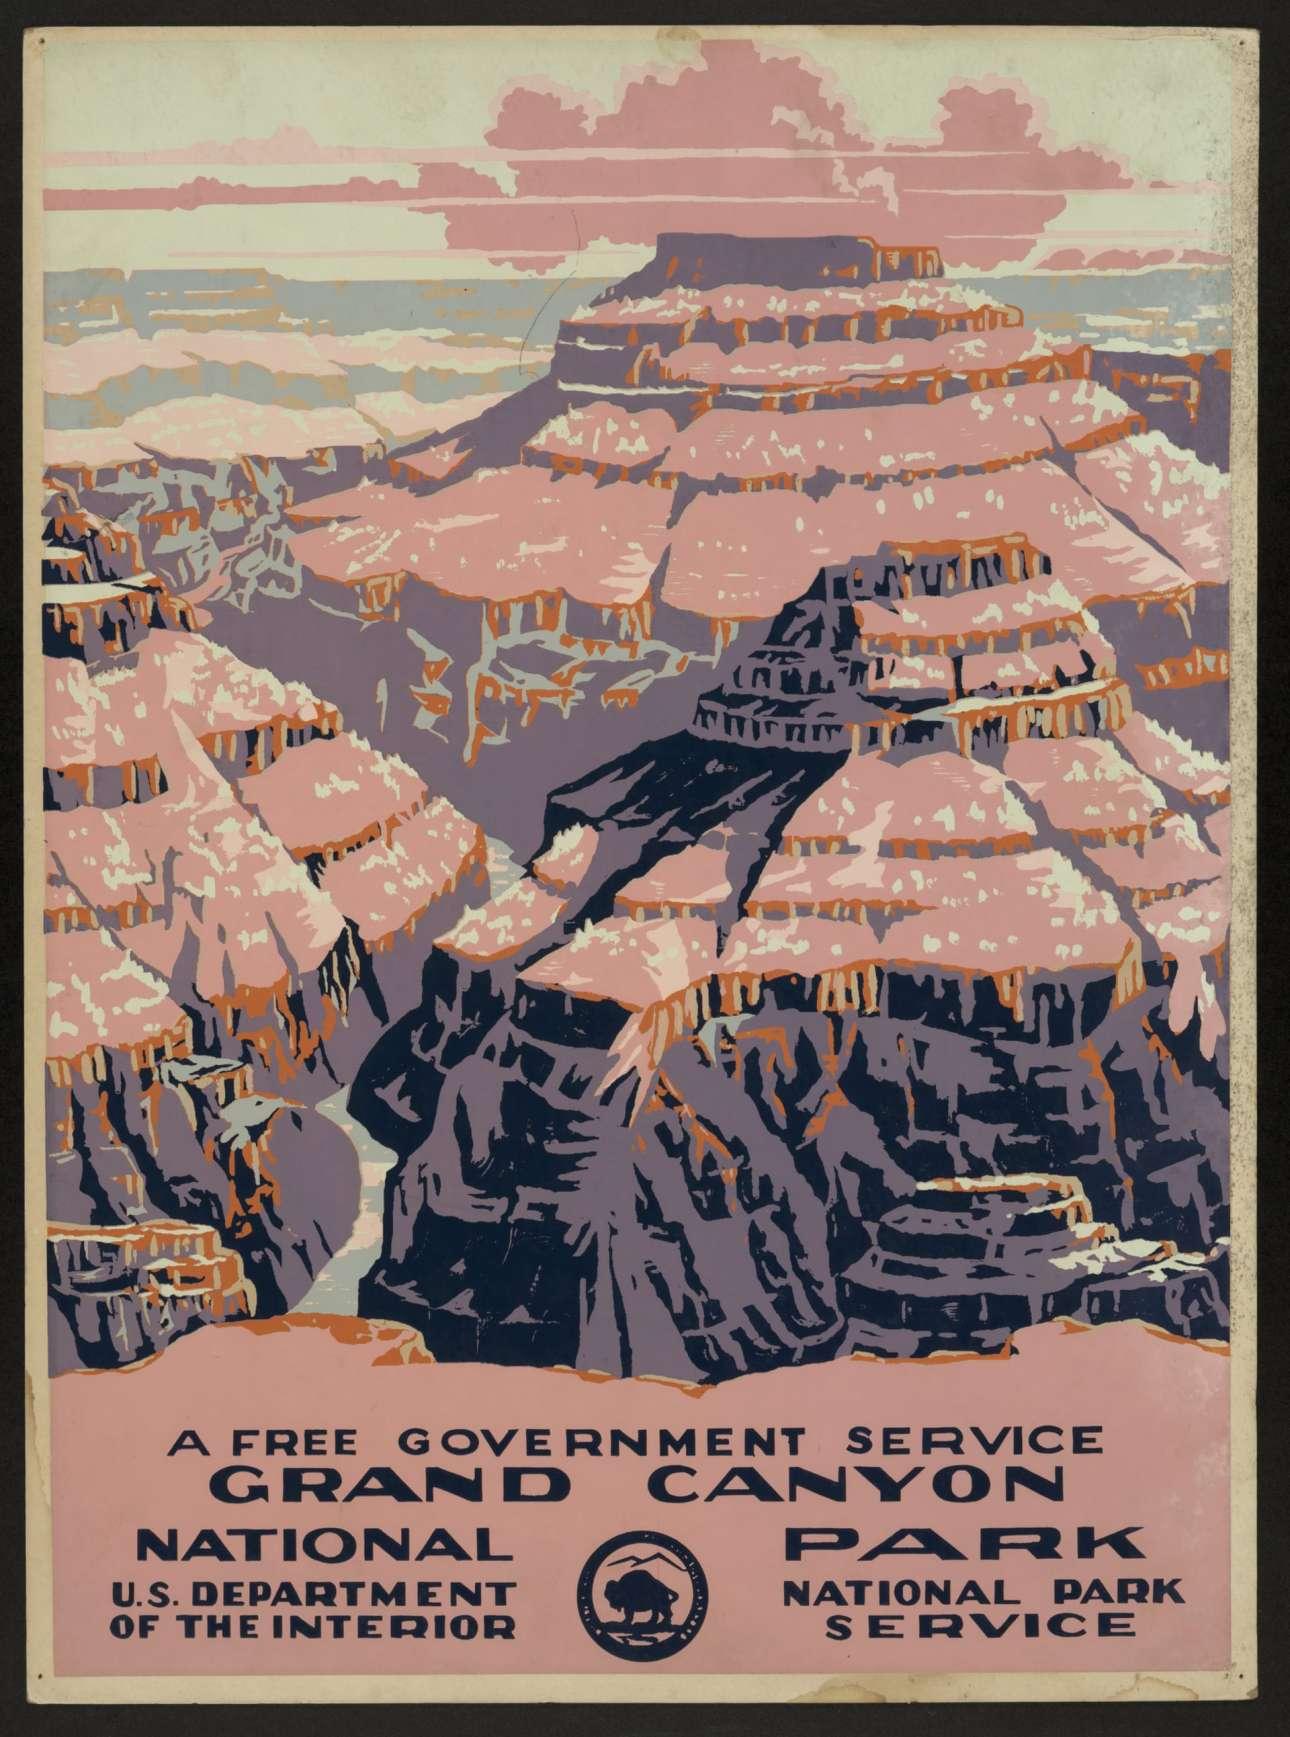 Αφίσα - δημιουργία της Υπηρεσίας του Εθνικού Πάρκου Γκραντ Κάνιον, η οποία κυκλοφόρησε το 1938